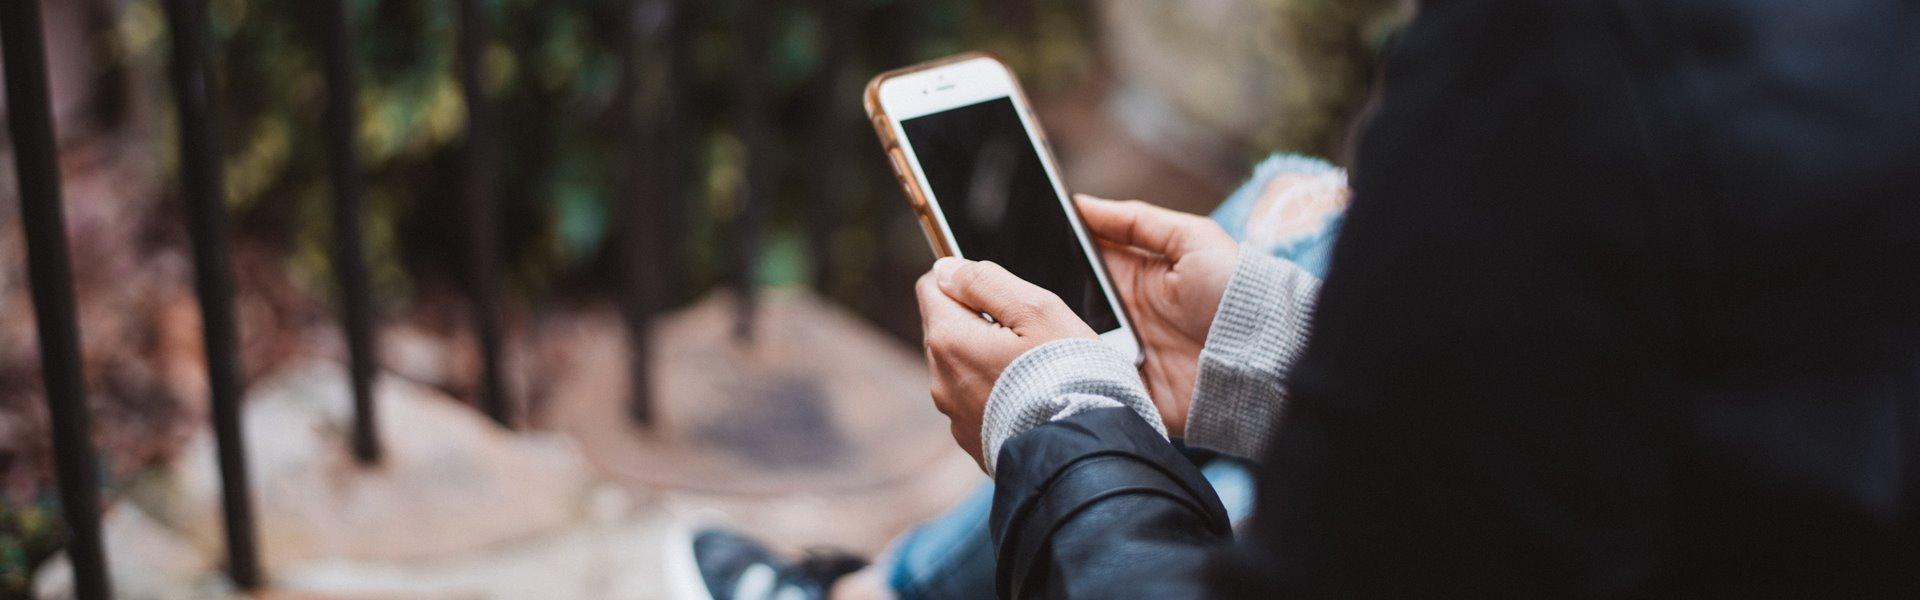 Как улучшить Инстаграм